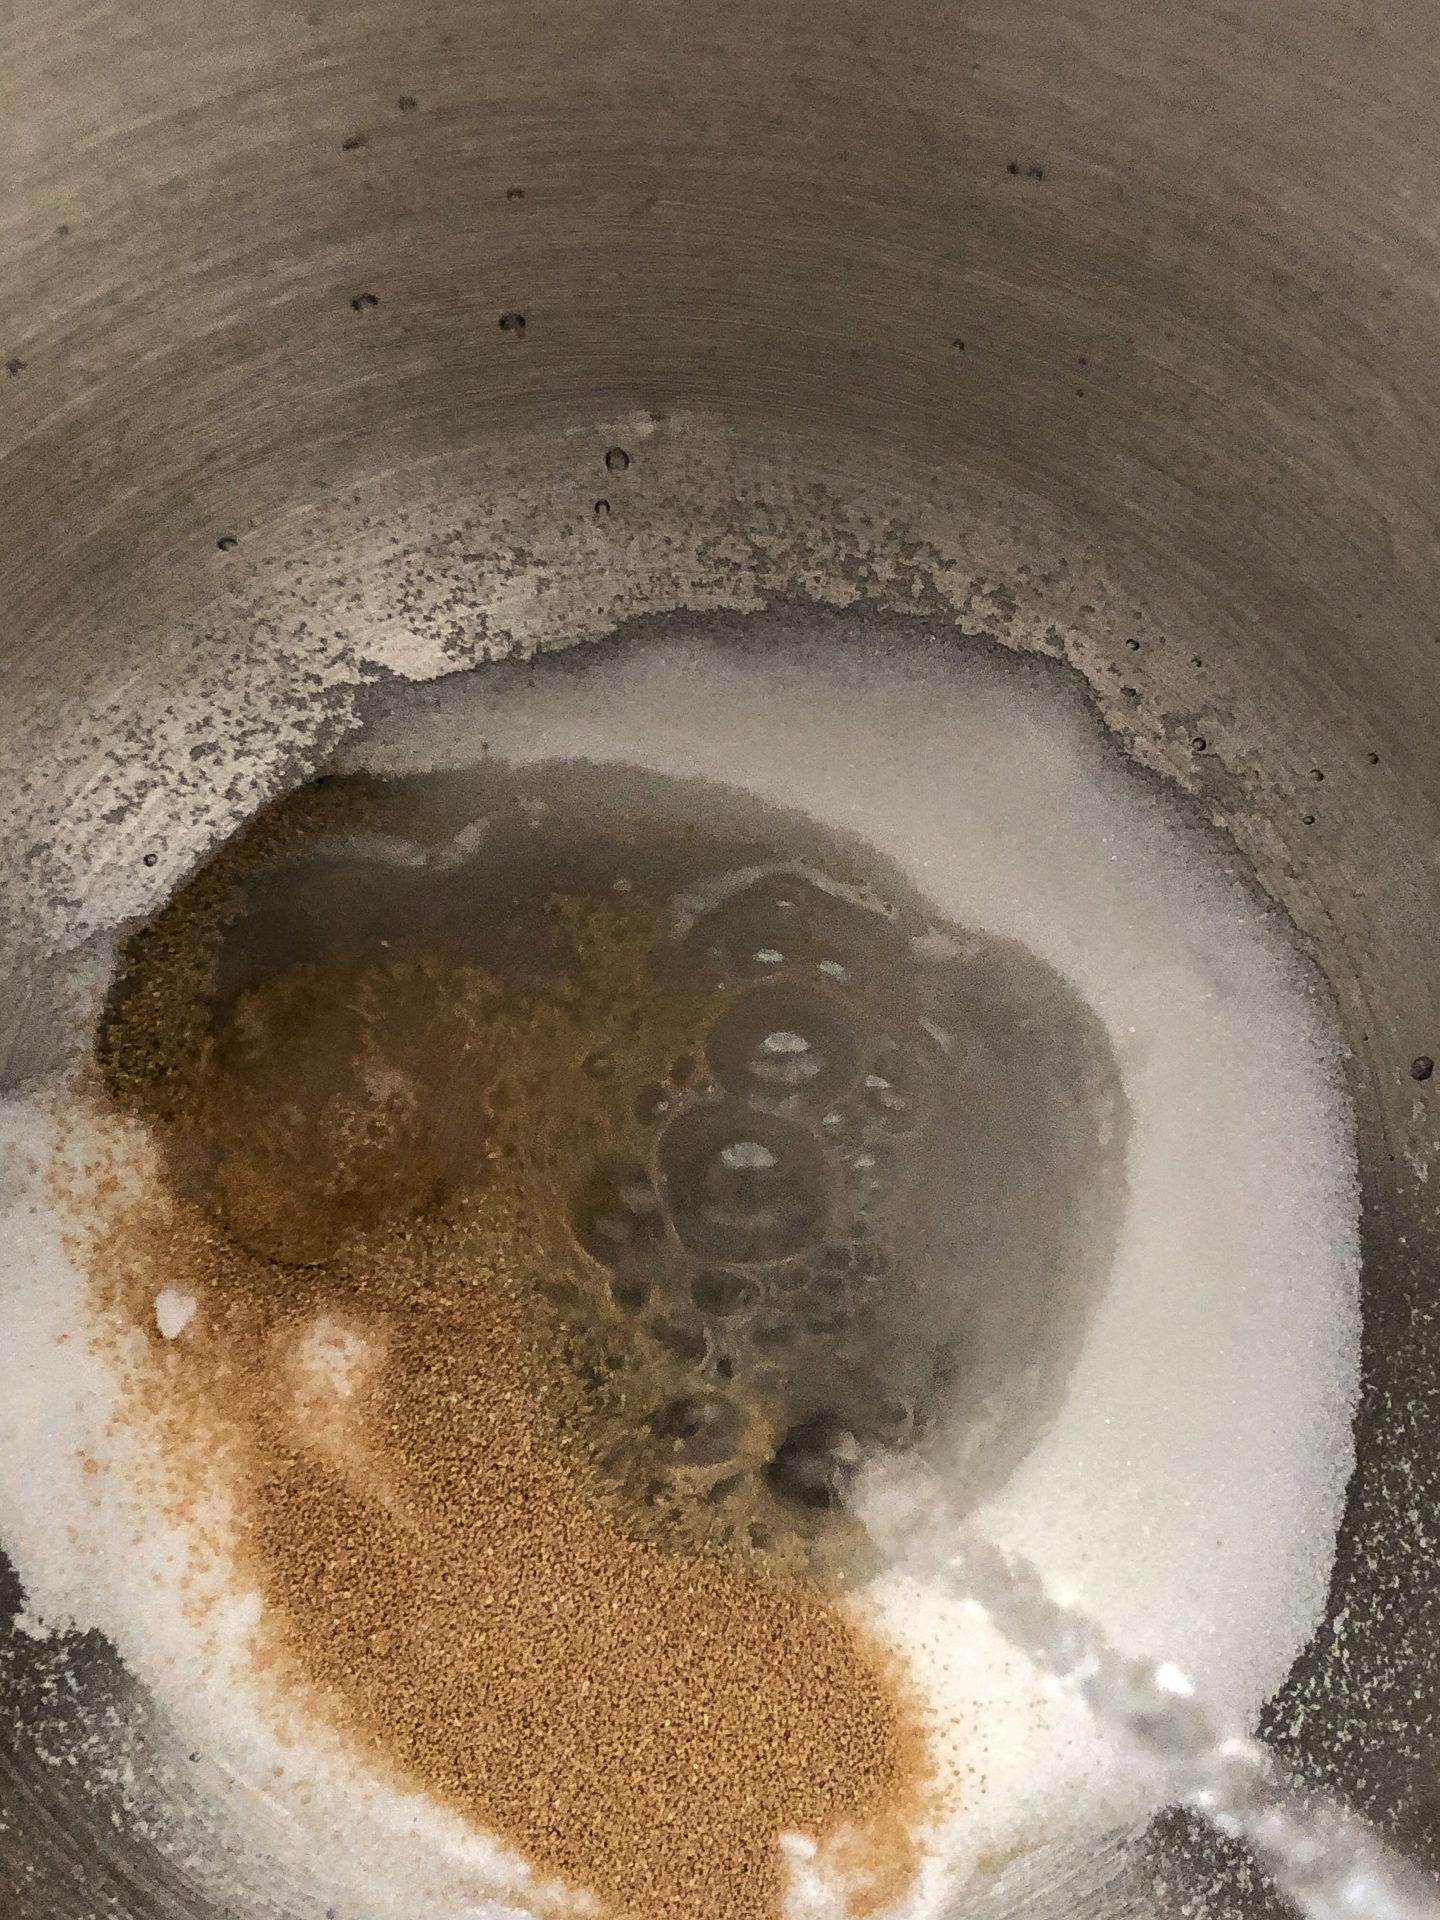 beignets di new orleans gourmama preparazione_1